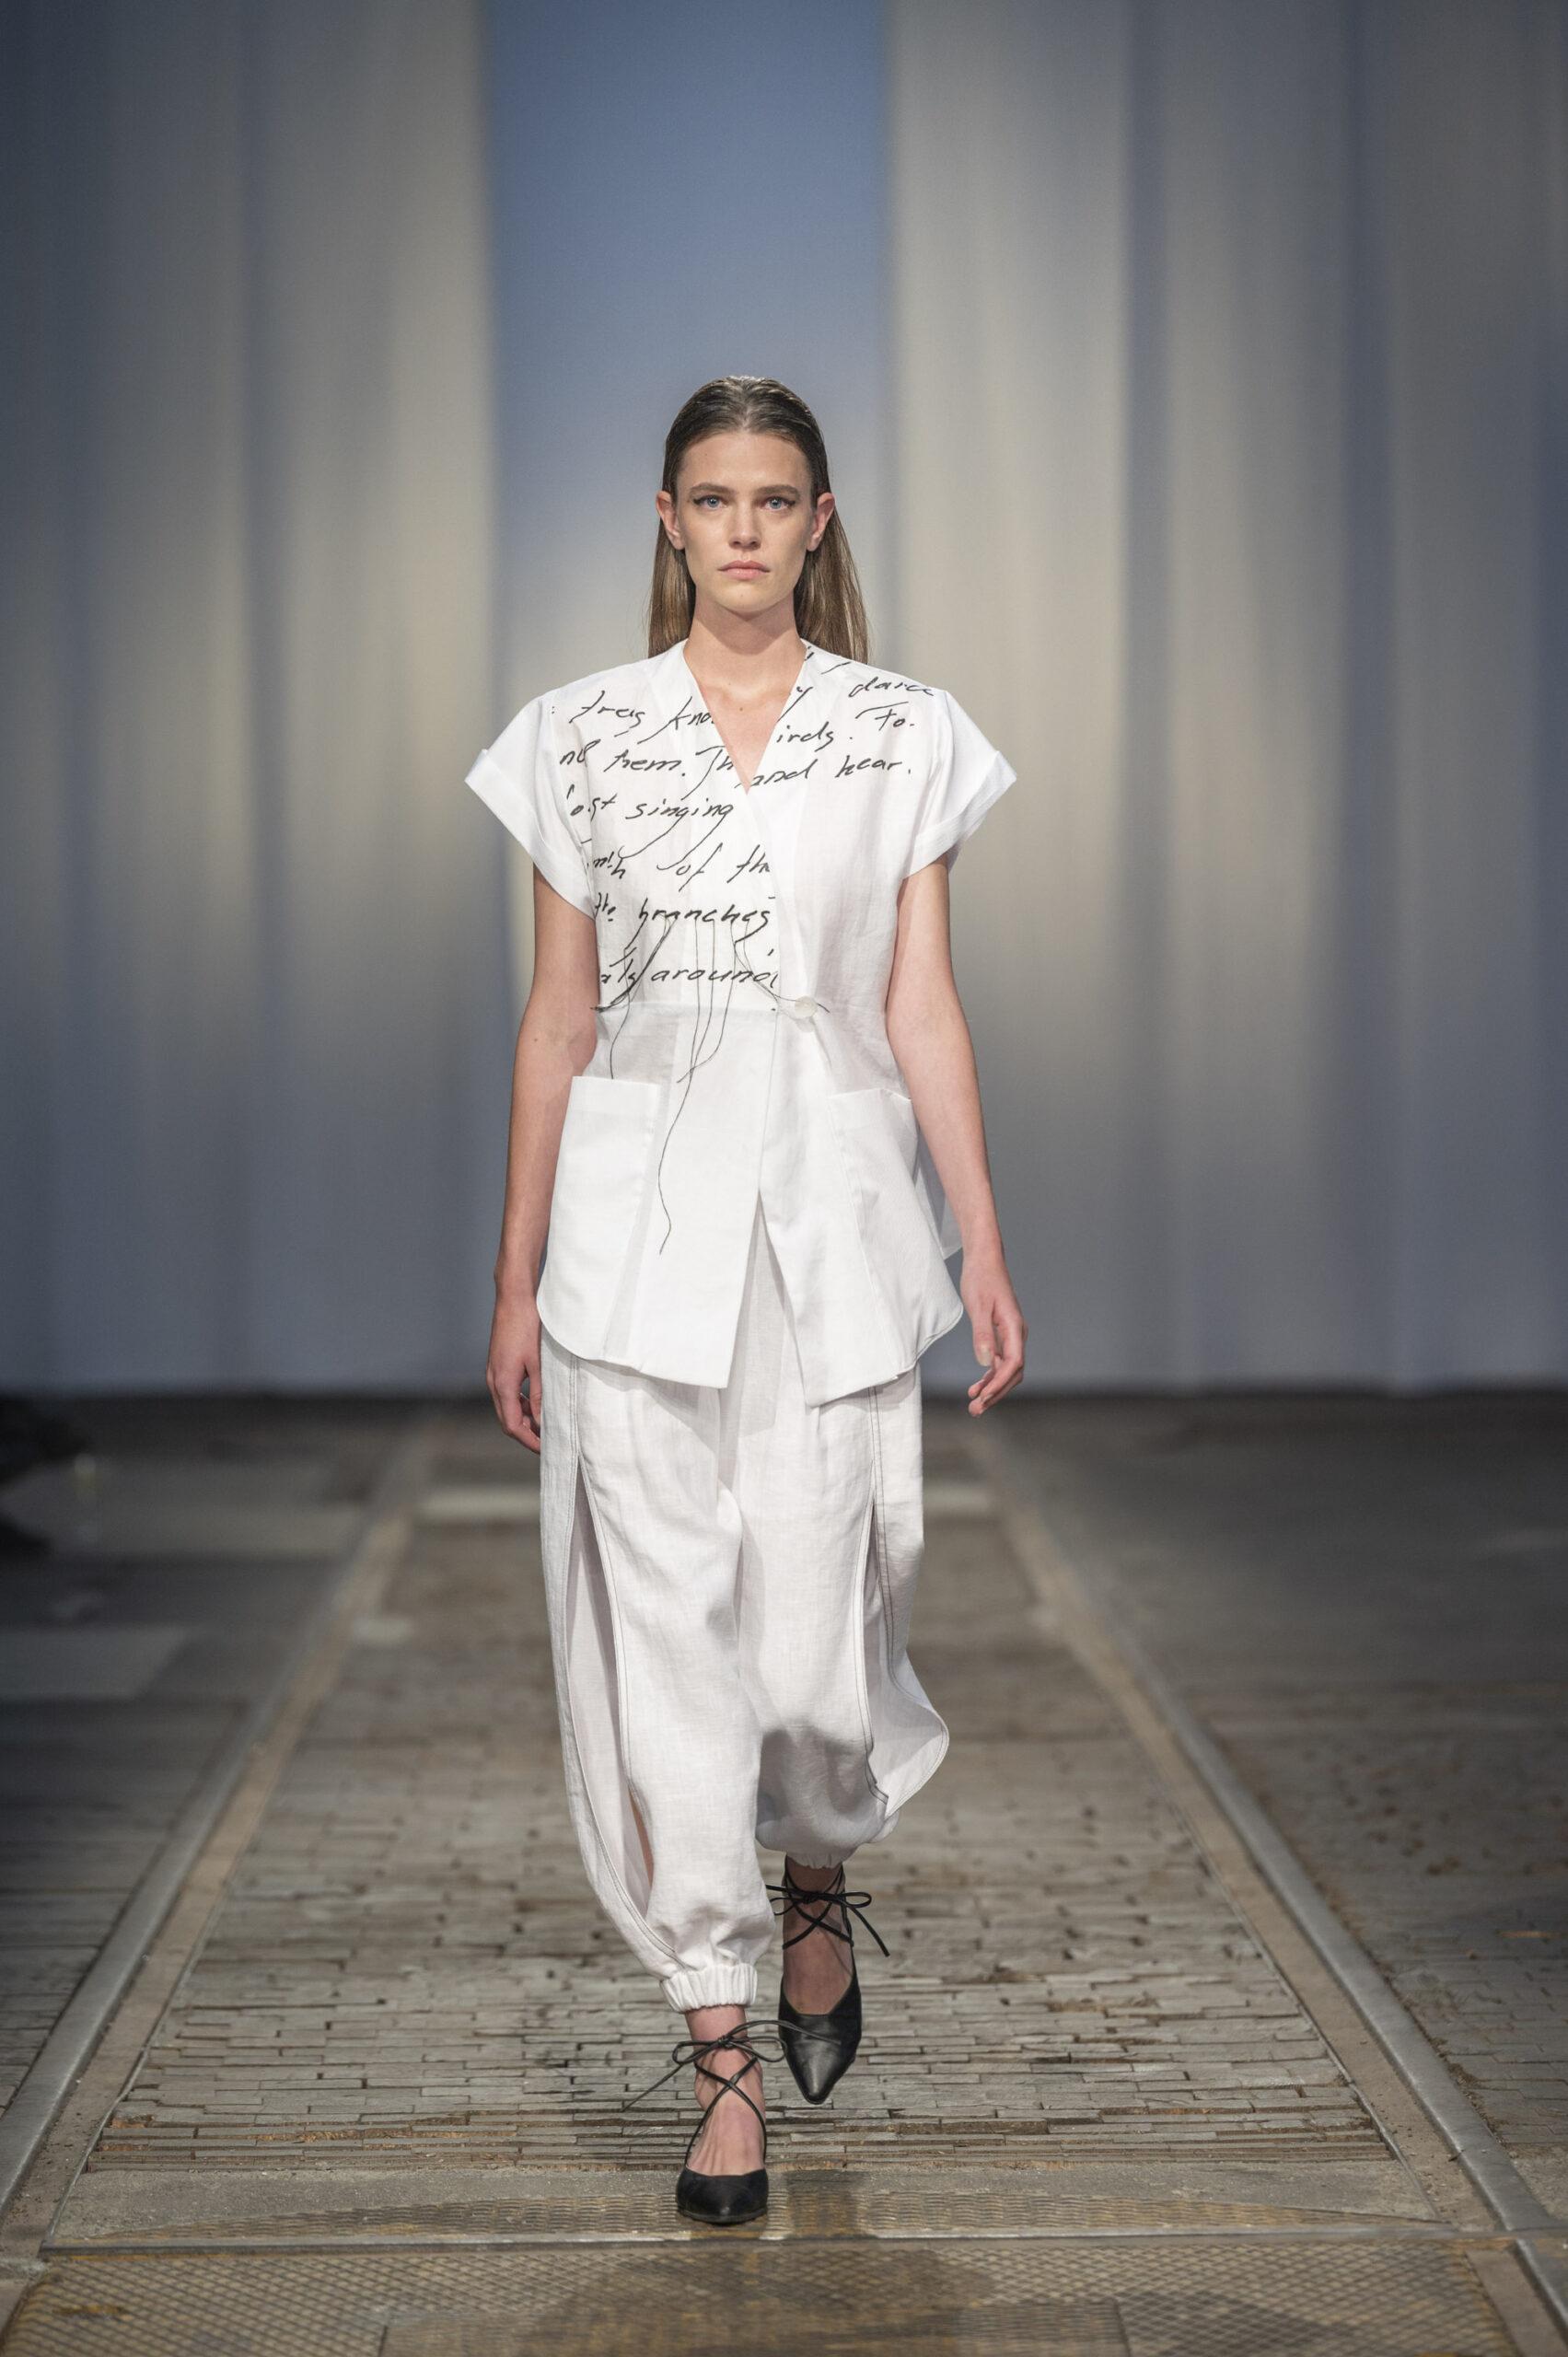 all clothing. Nina Yuun x LEONIE RISCH